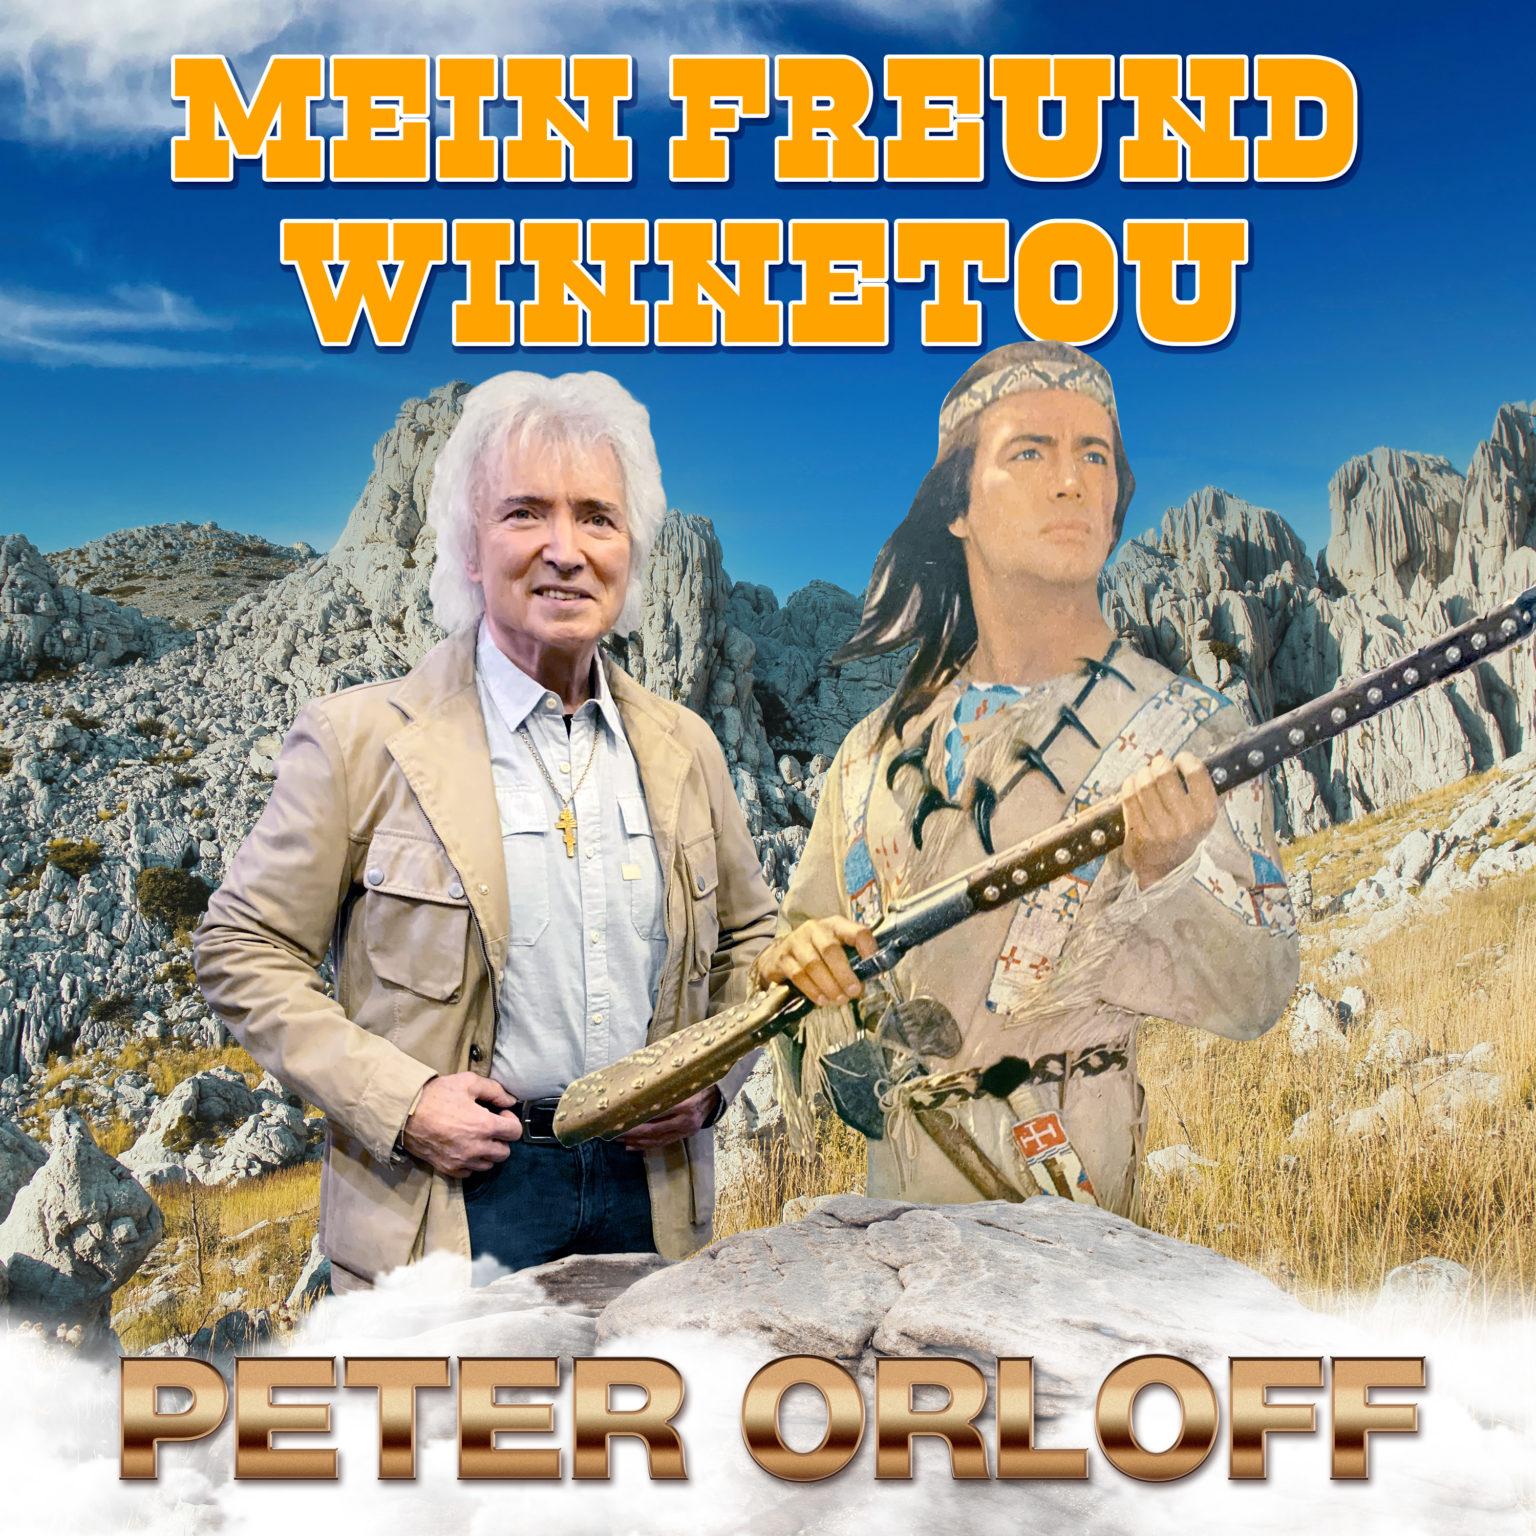 """PETER ORLOFF """"'Mein Freund Winnetou ist mir ein"""